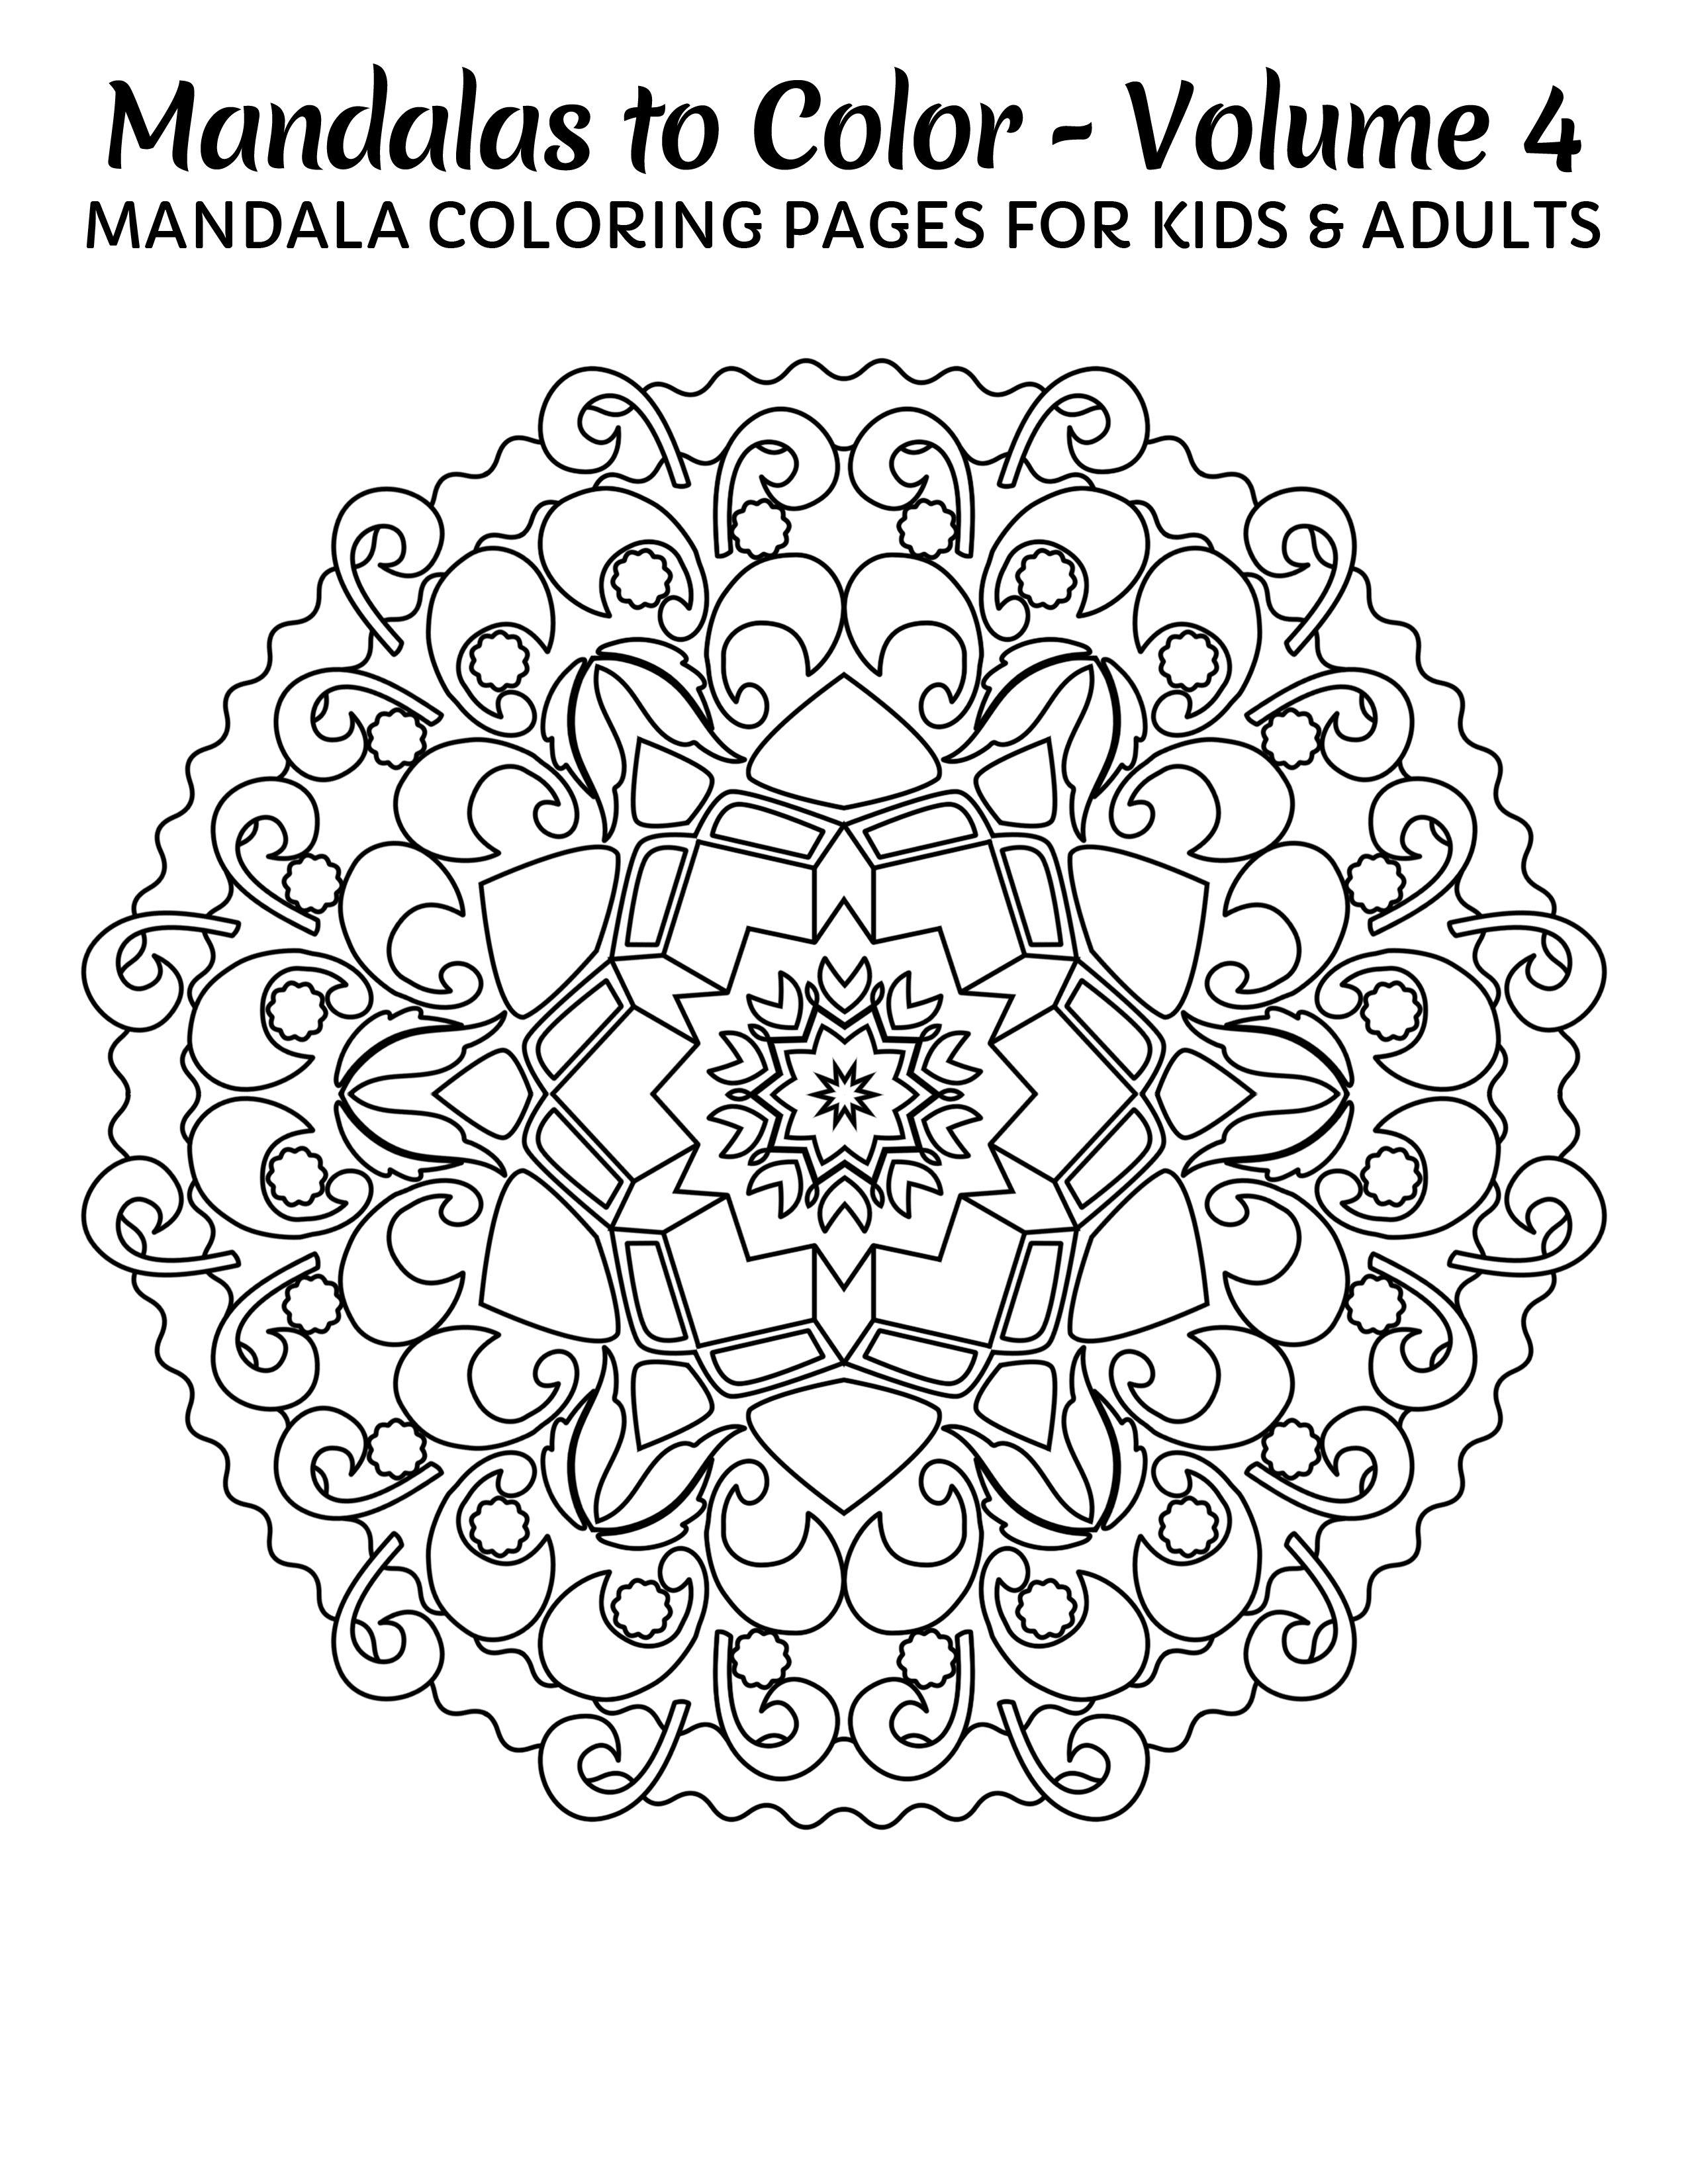 Pin By Kathy Naraghi On Mandalas To Color